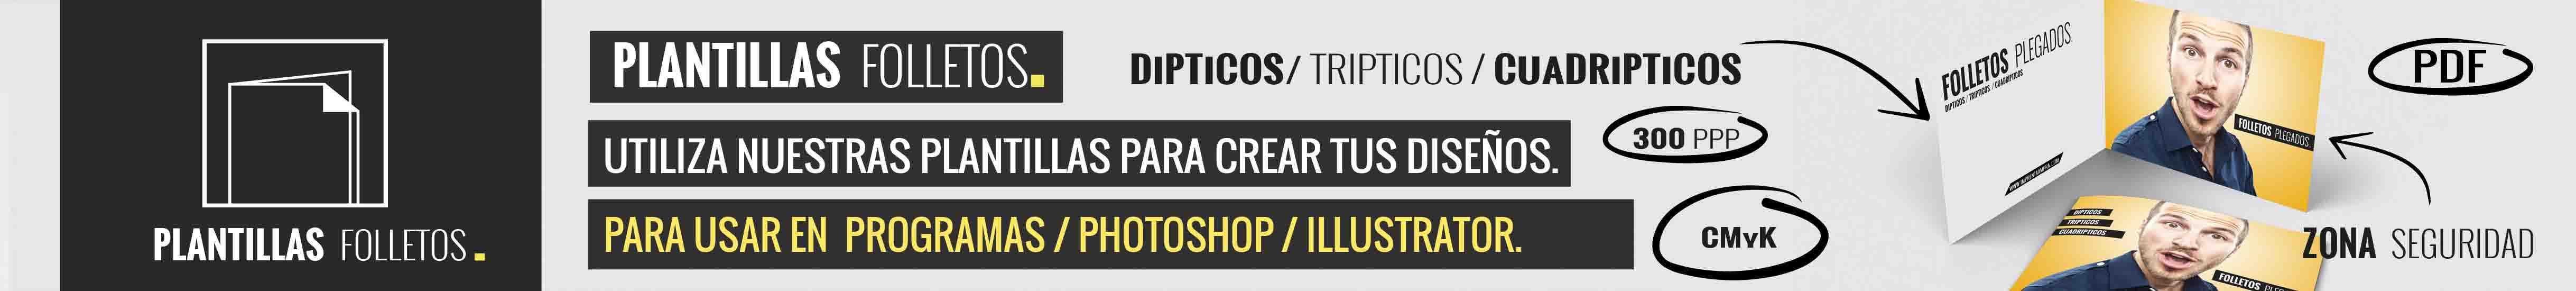 Plantillas trípticos | Dípticos | Cuadripticos - www.imprentaampra.com